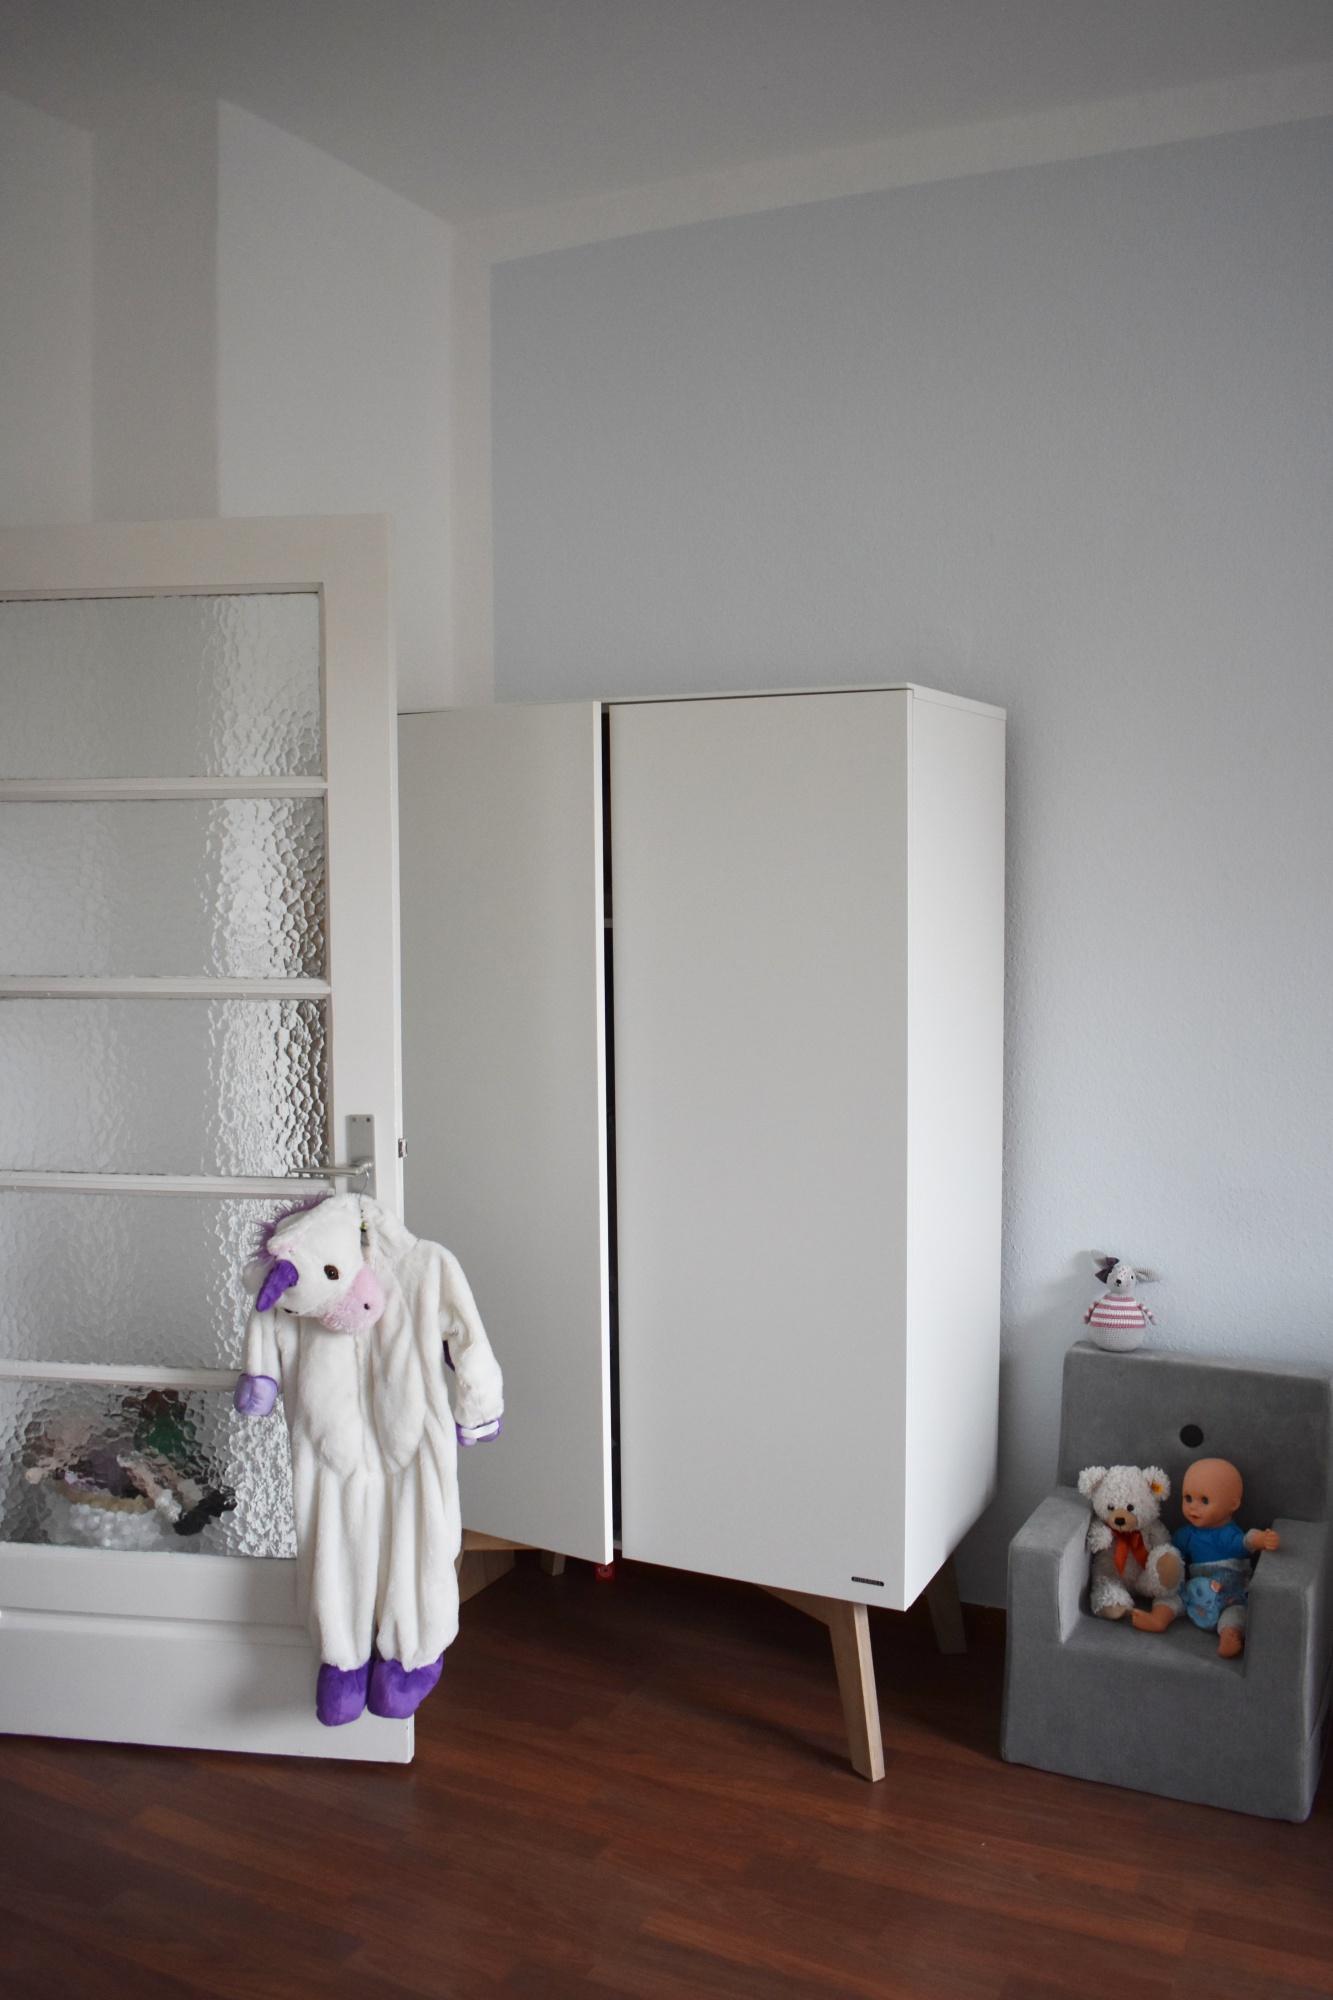 Kinderzimmer kleinkind  DAS KINDERZIMMER // EIN ZIMMER FÜR EIN GAR NICHT MEHR SO KLEINES ...